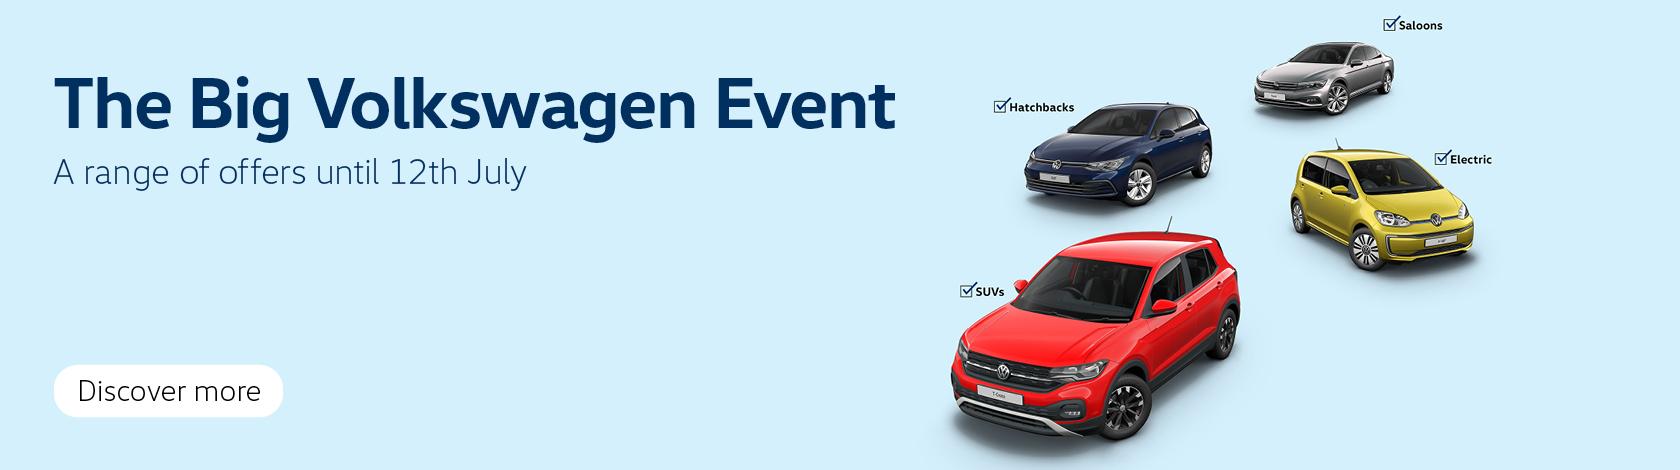 The Big Volkswagen Event